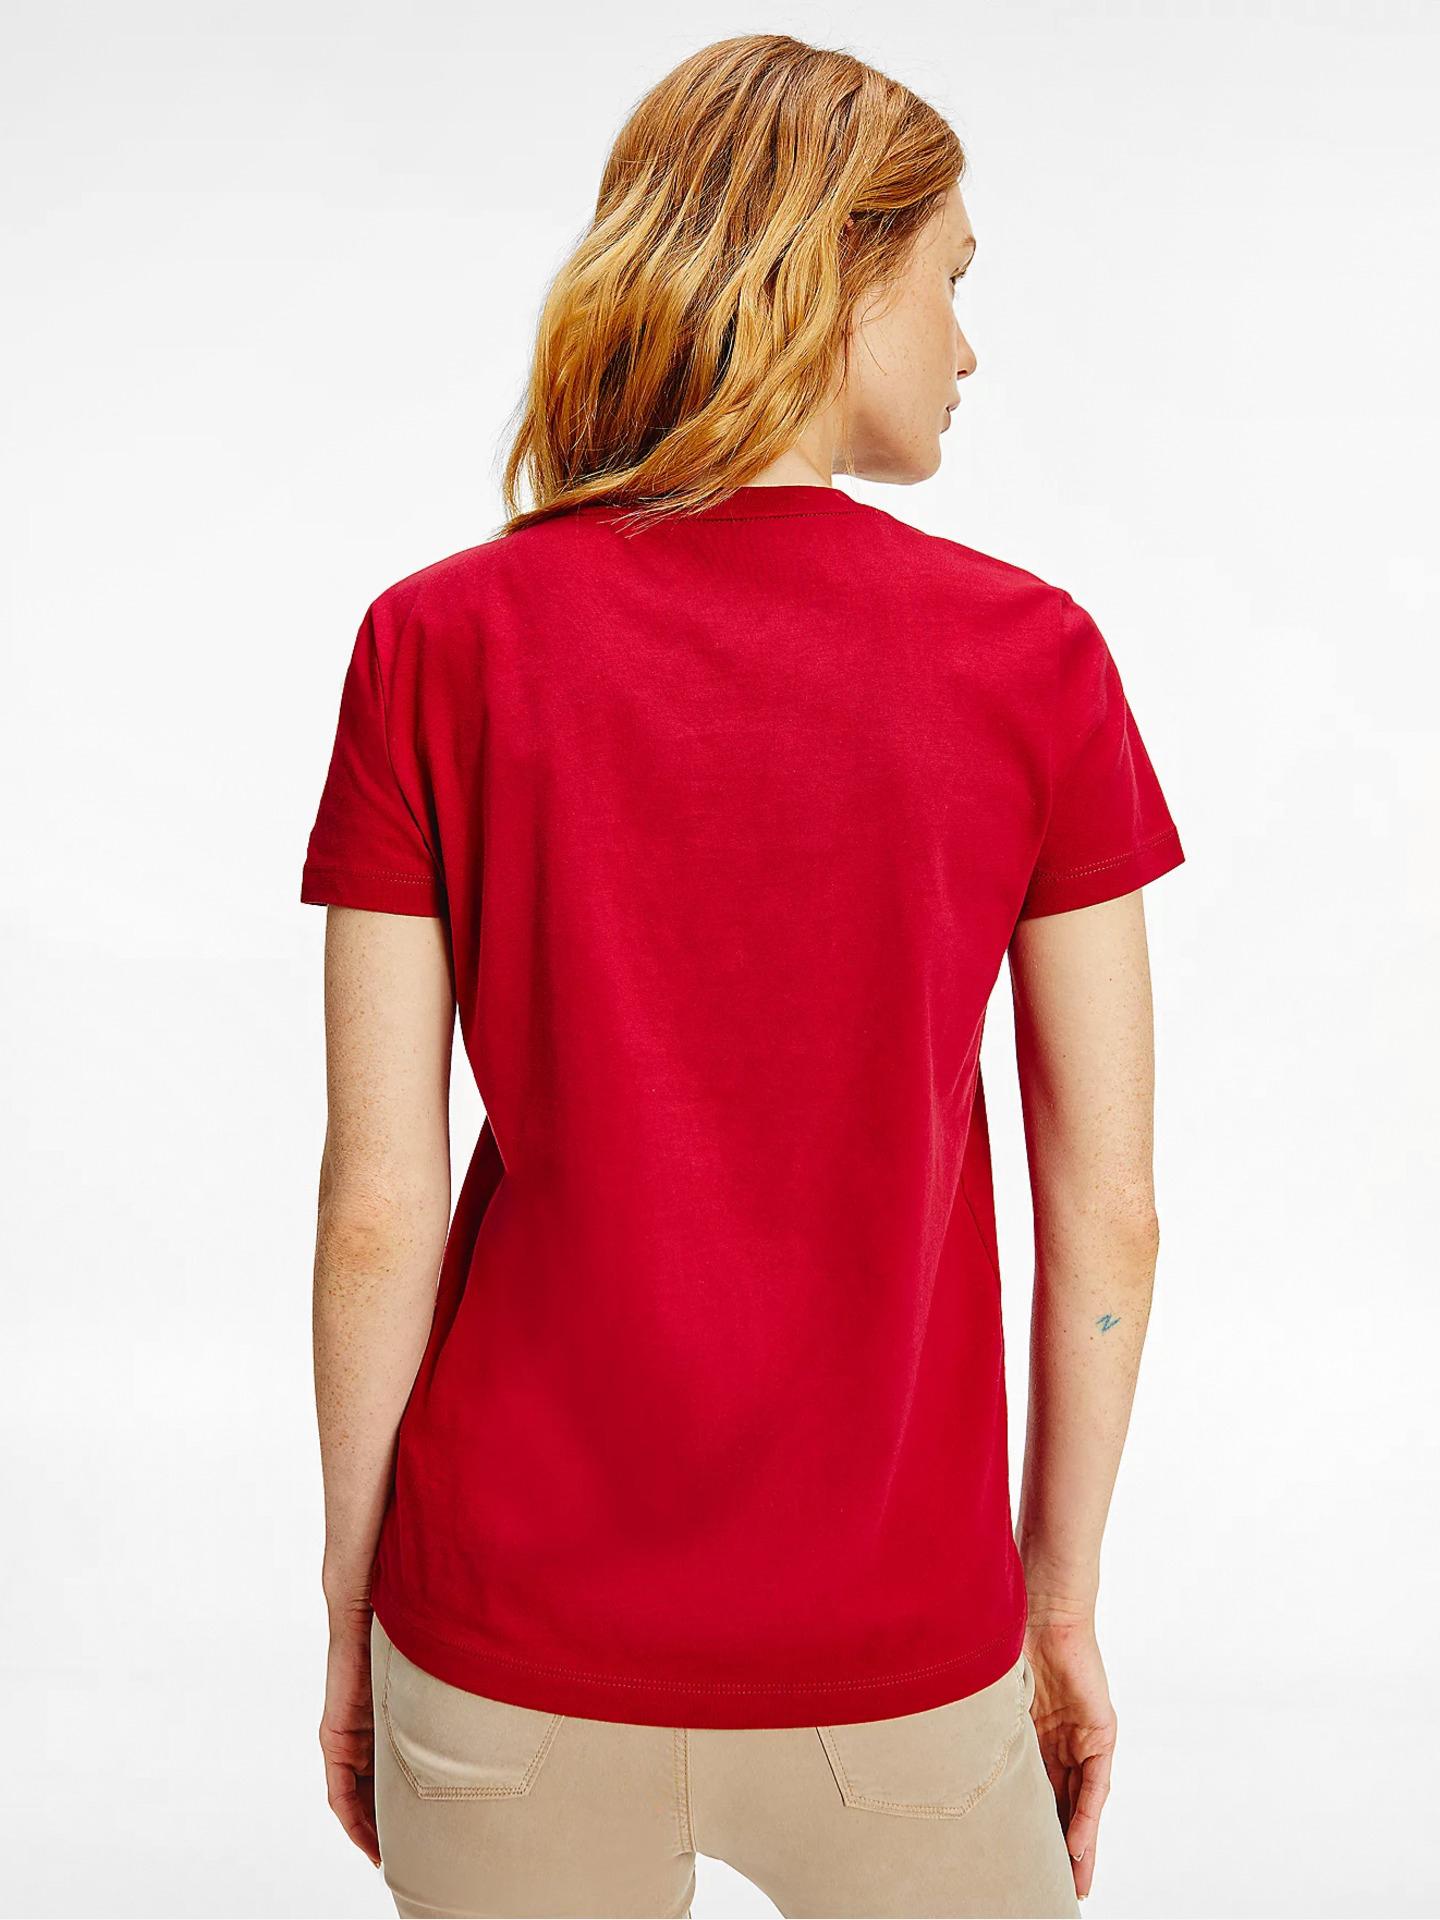 Tommy Hilfiger rosso da donna maglietta